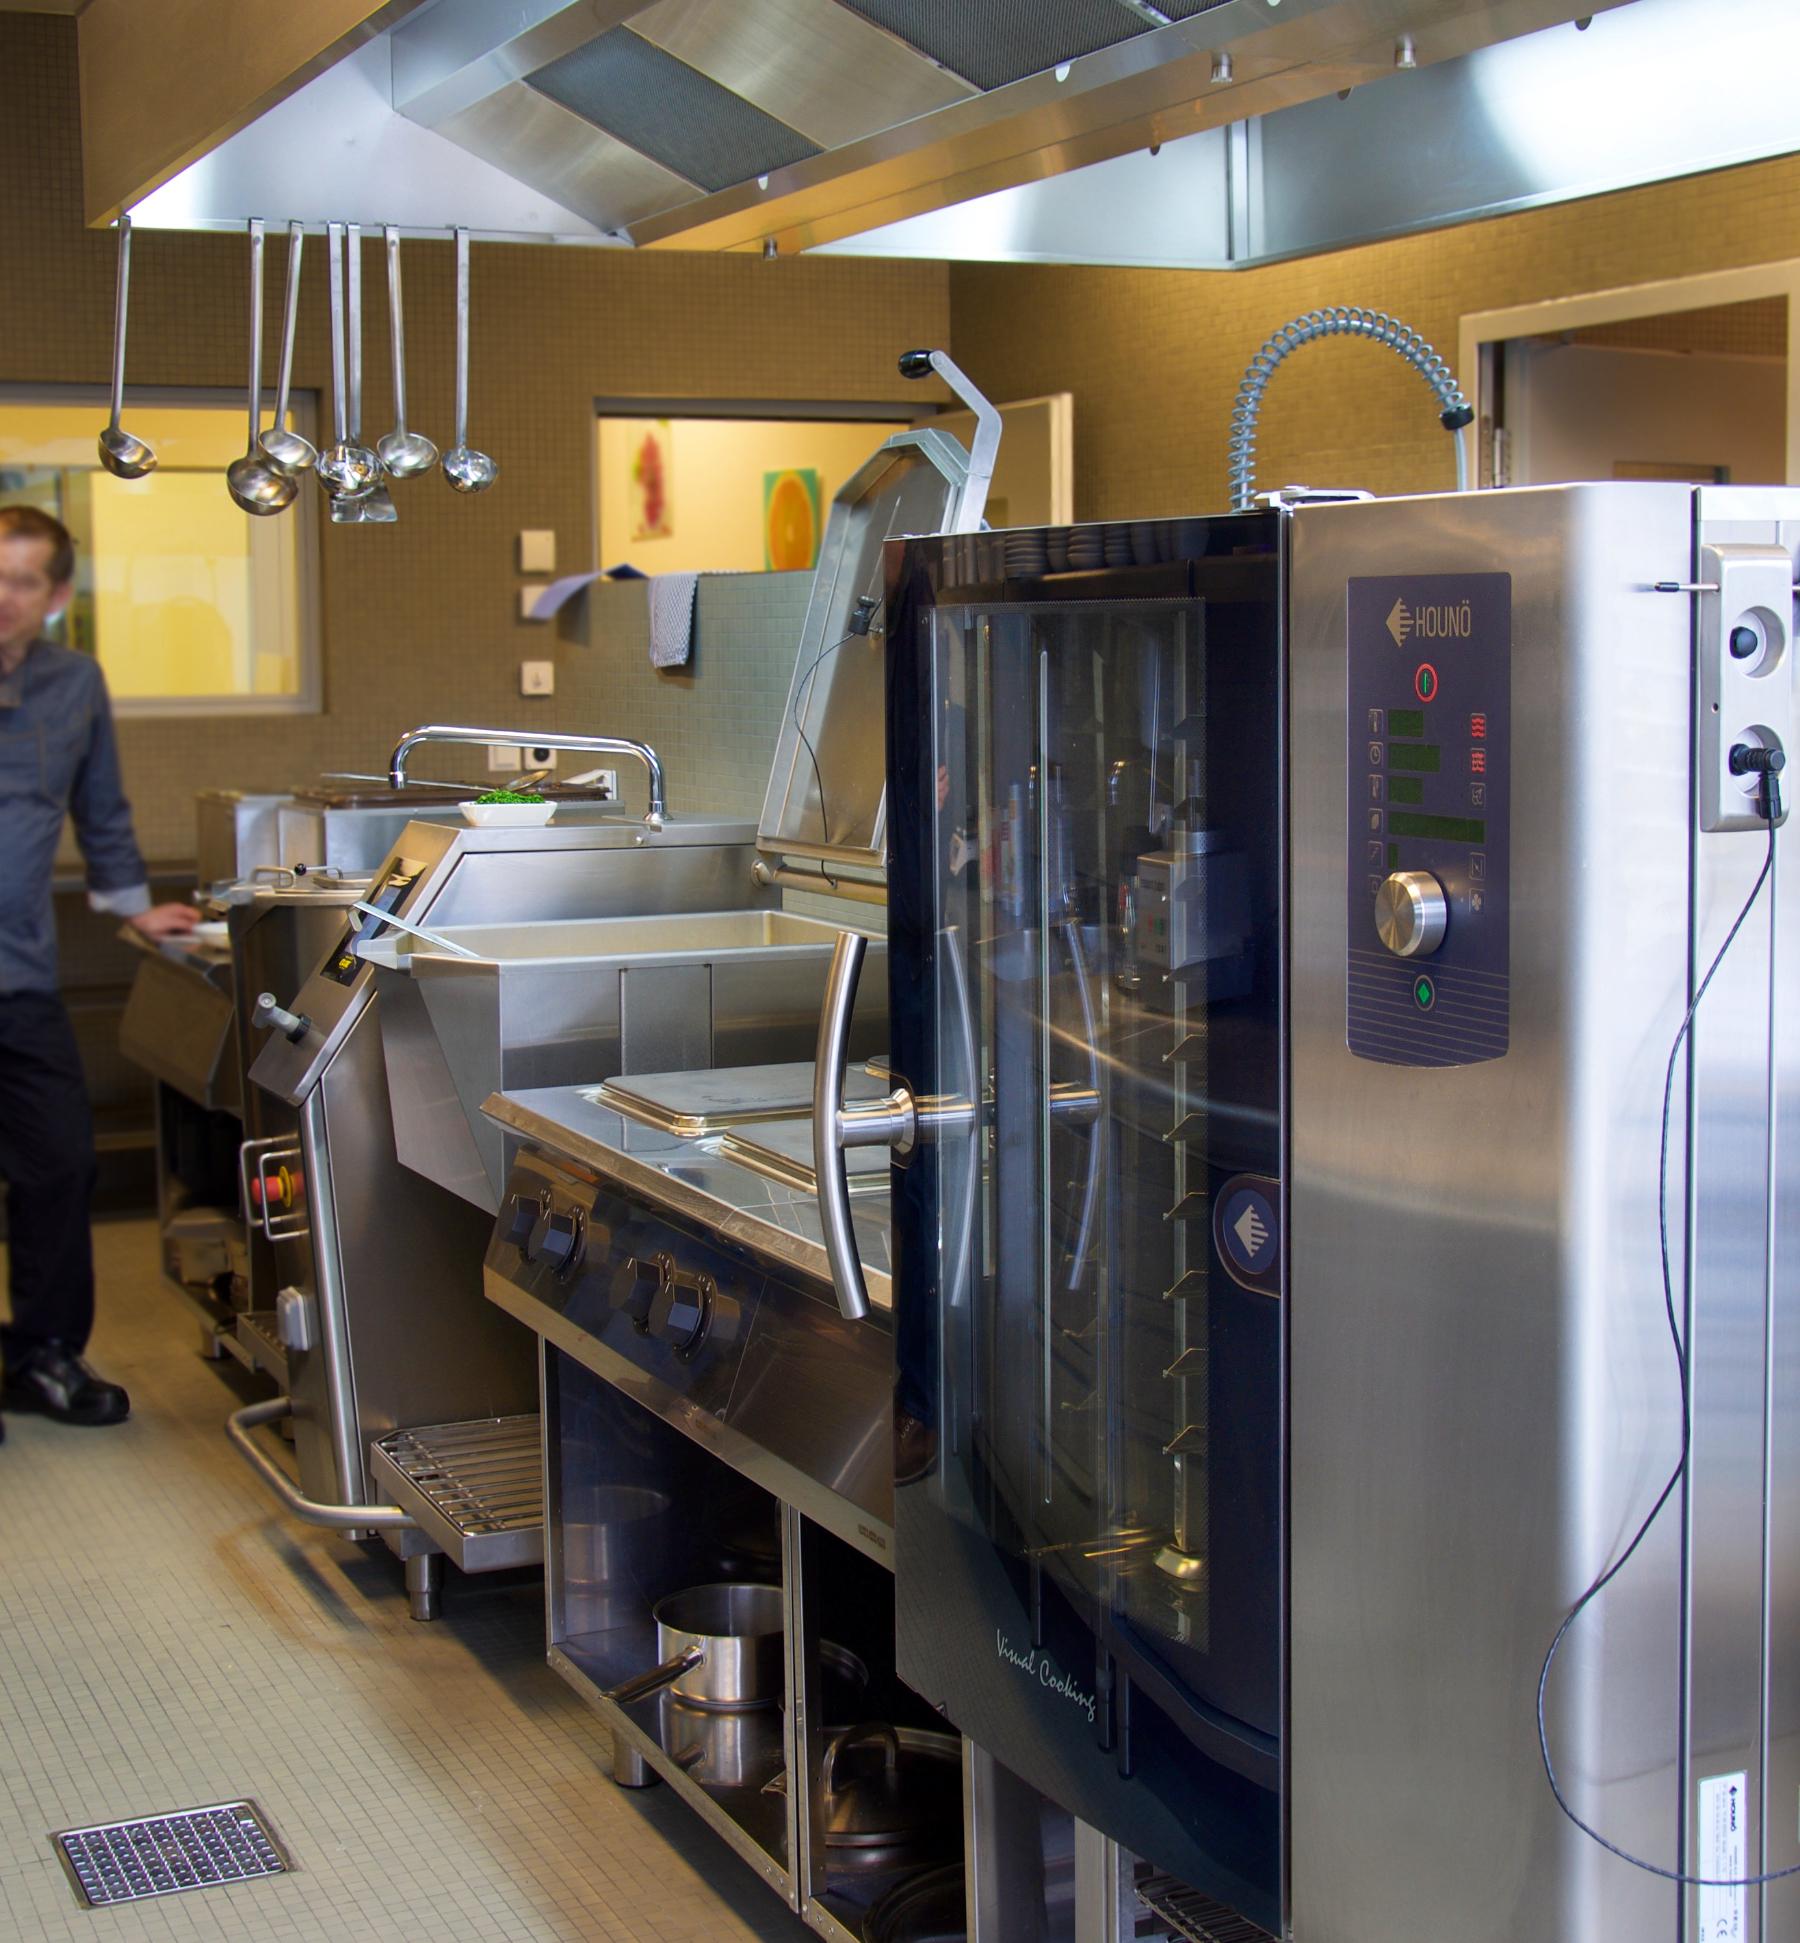 Crèche Ciel Bleu | Meinen Cuisines Professionnelles SA